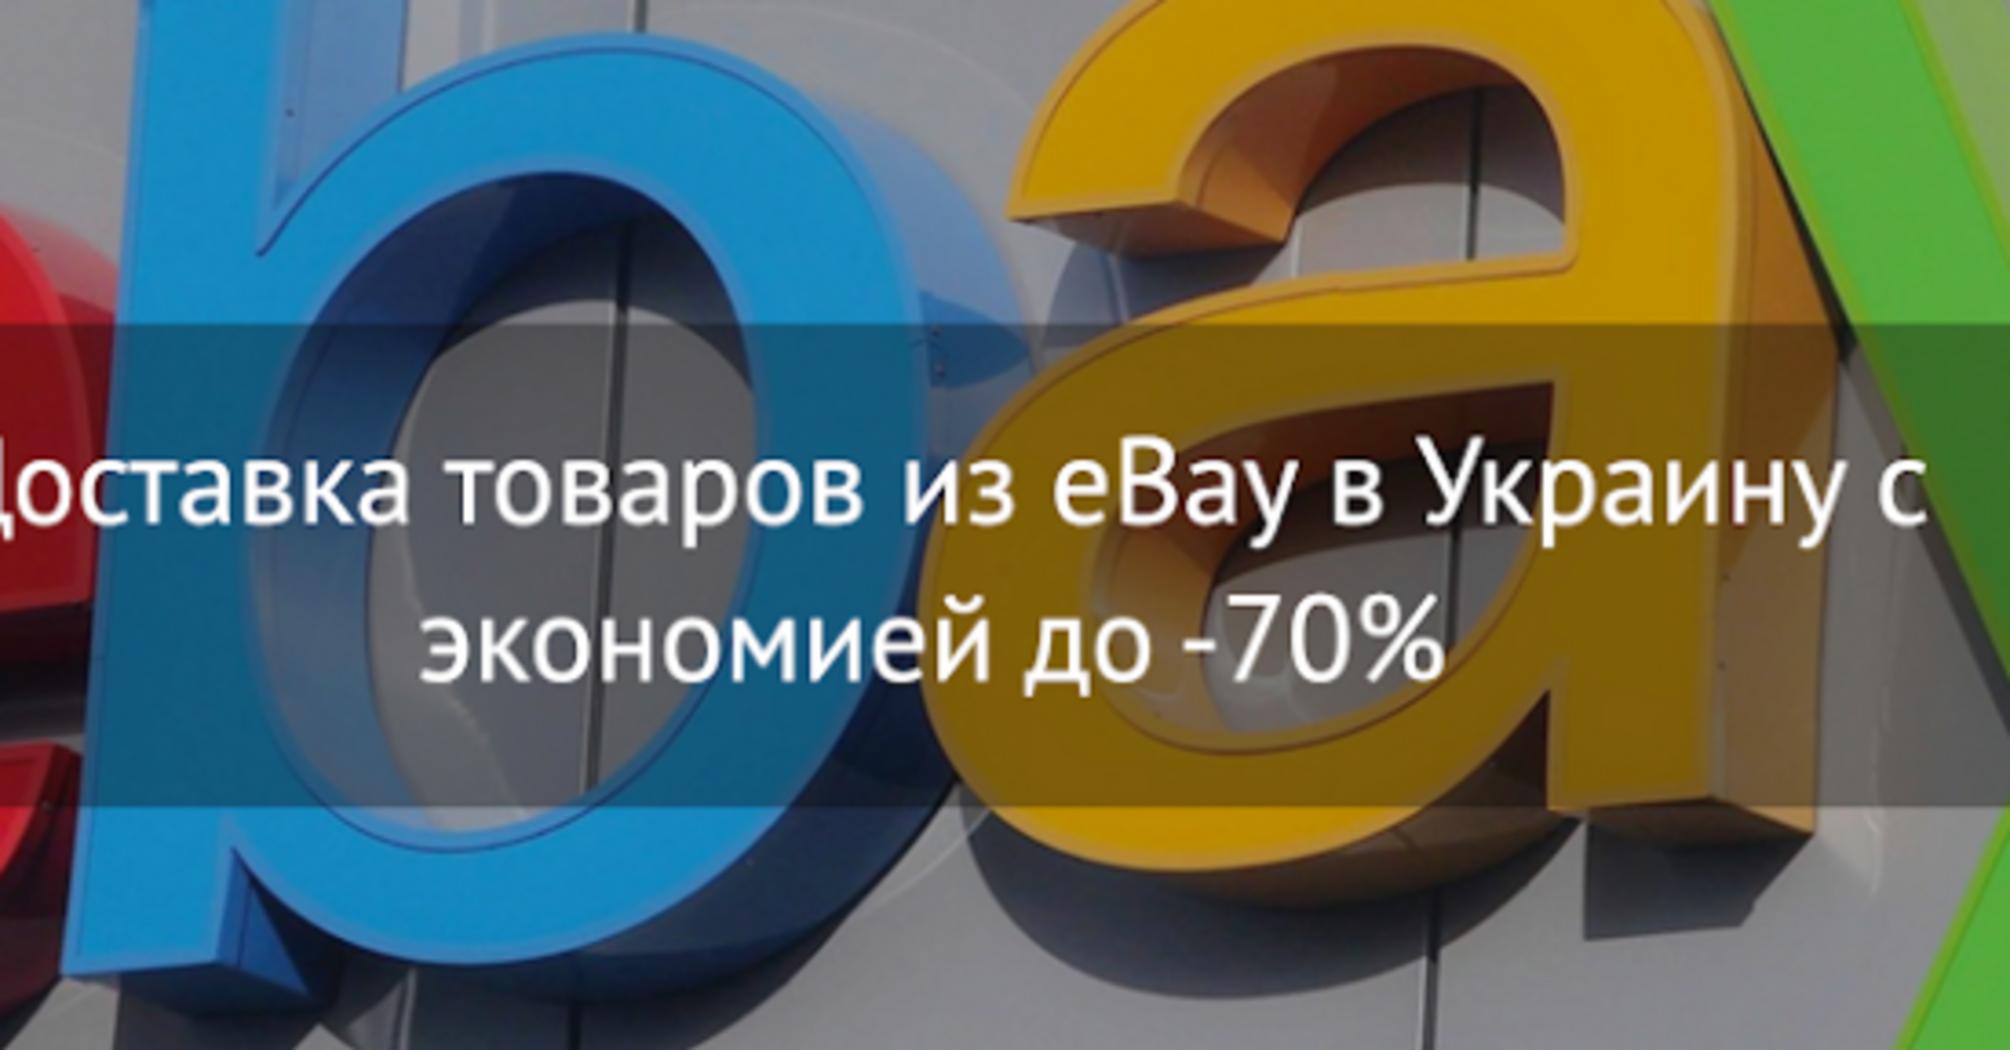 Самая надежная доставка в Украину ваших выгодных покупок на Ebay